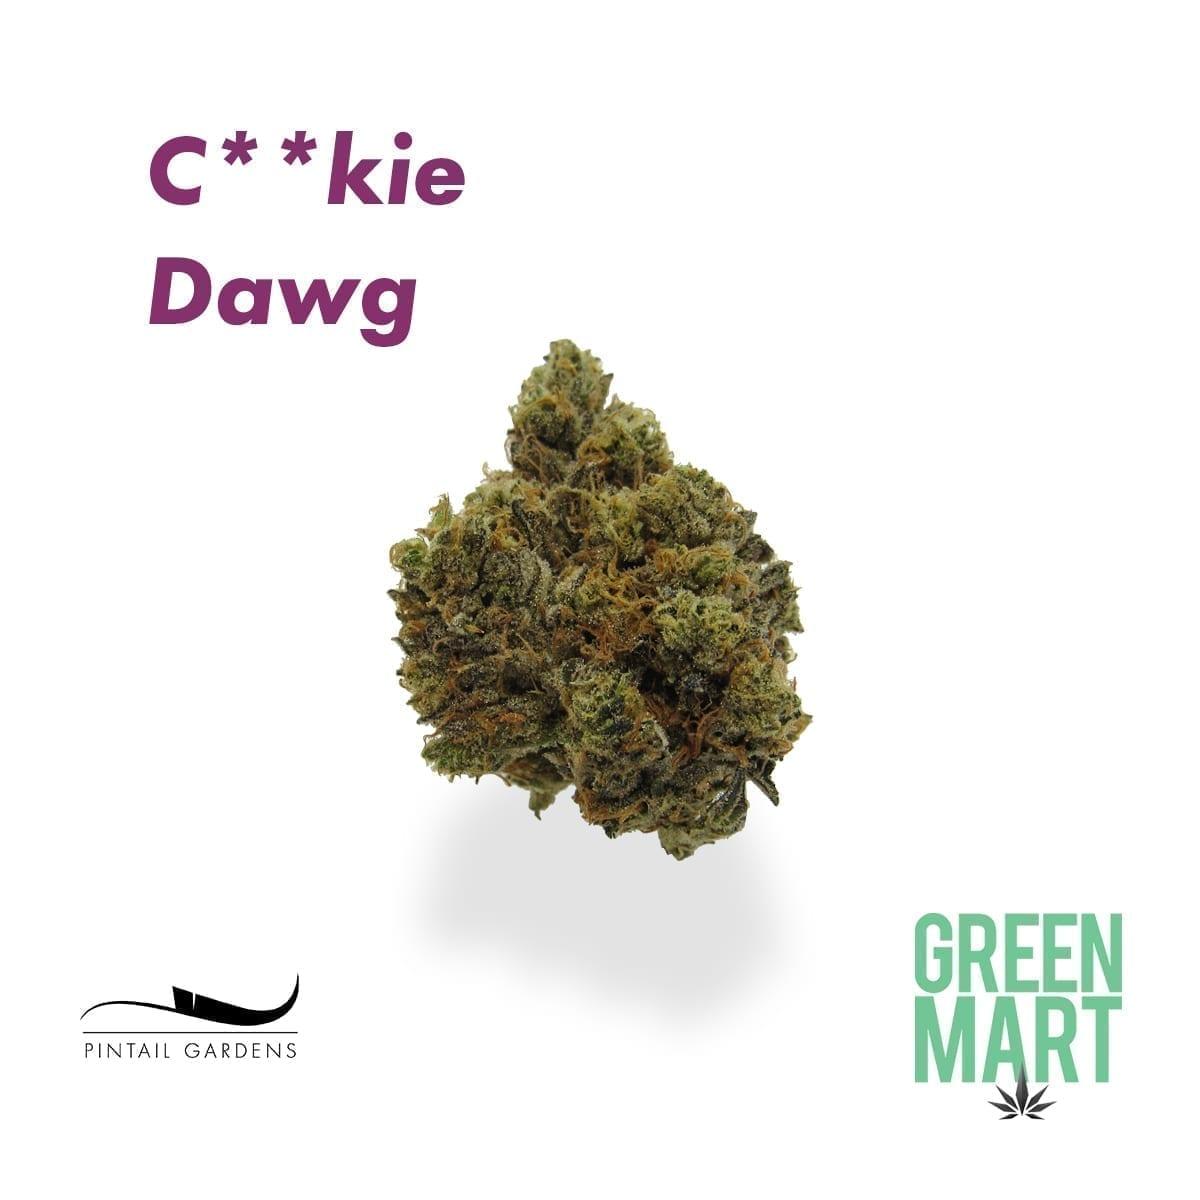 C**kie Dawg